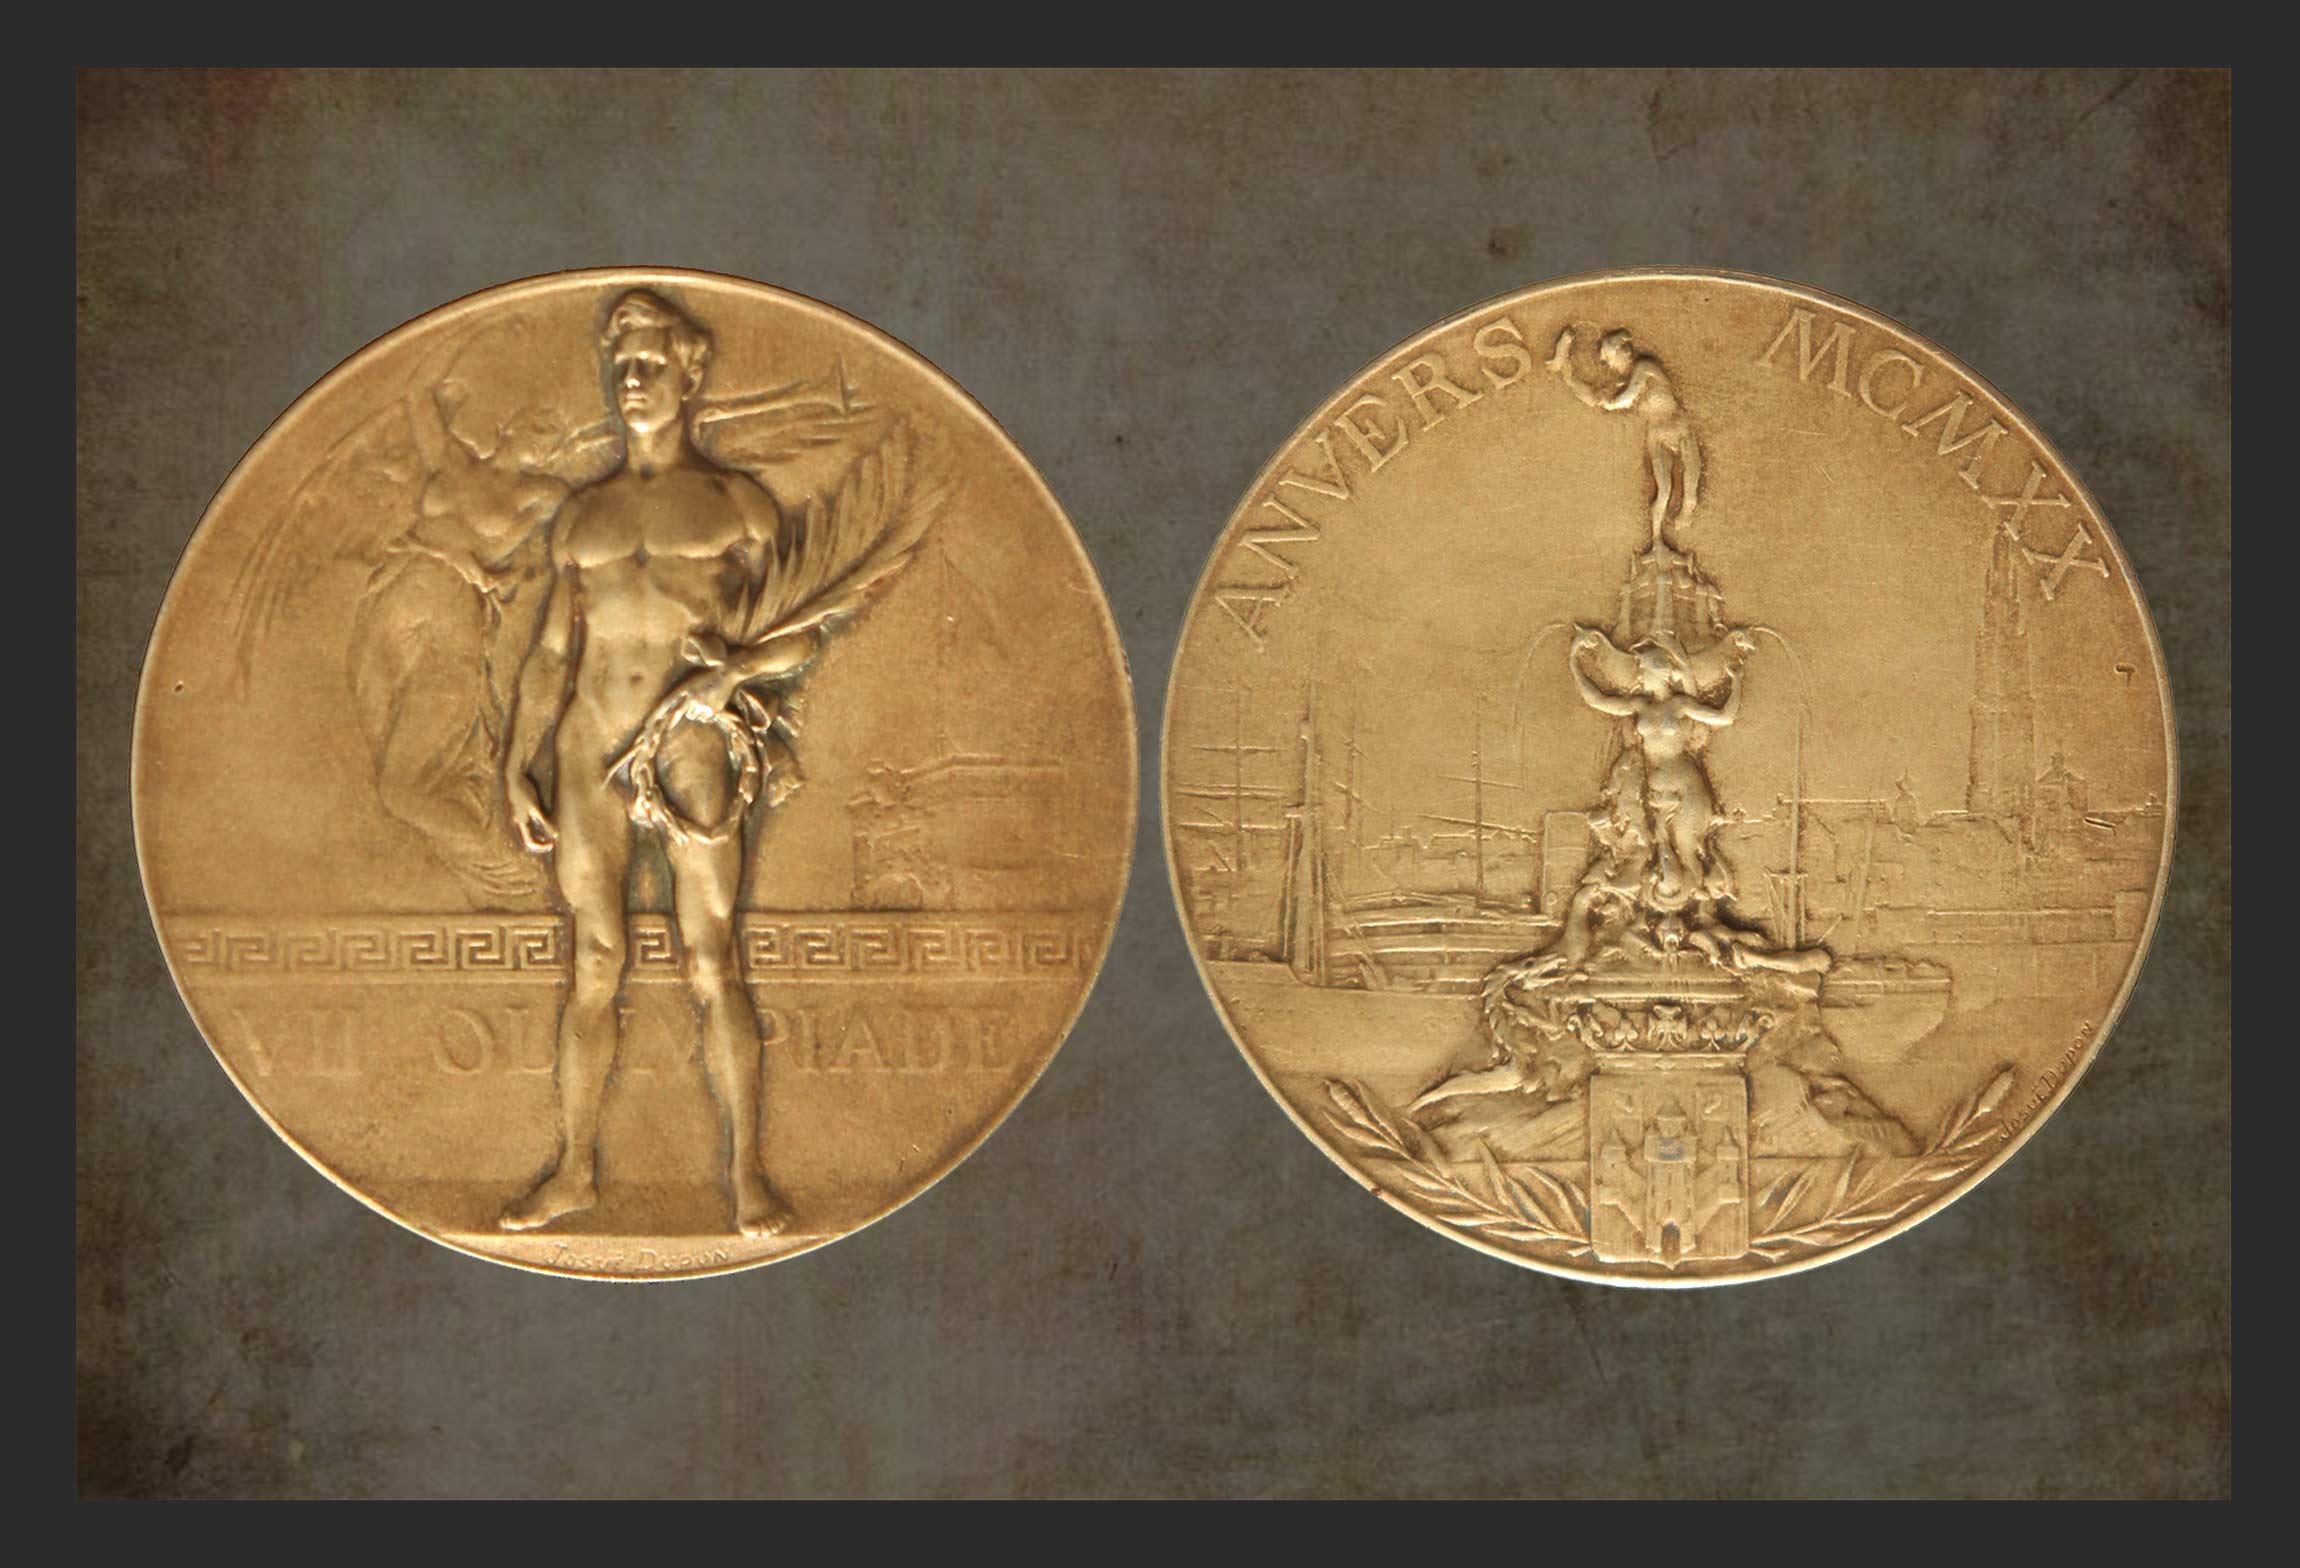 Stefanie Fryland Clausen - Olympic Gold Medal - 1920 - Antwerp - Belgium